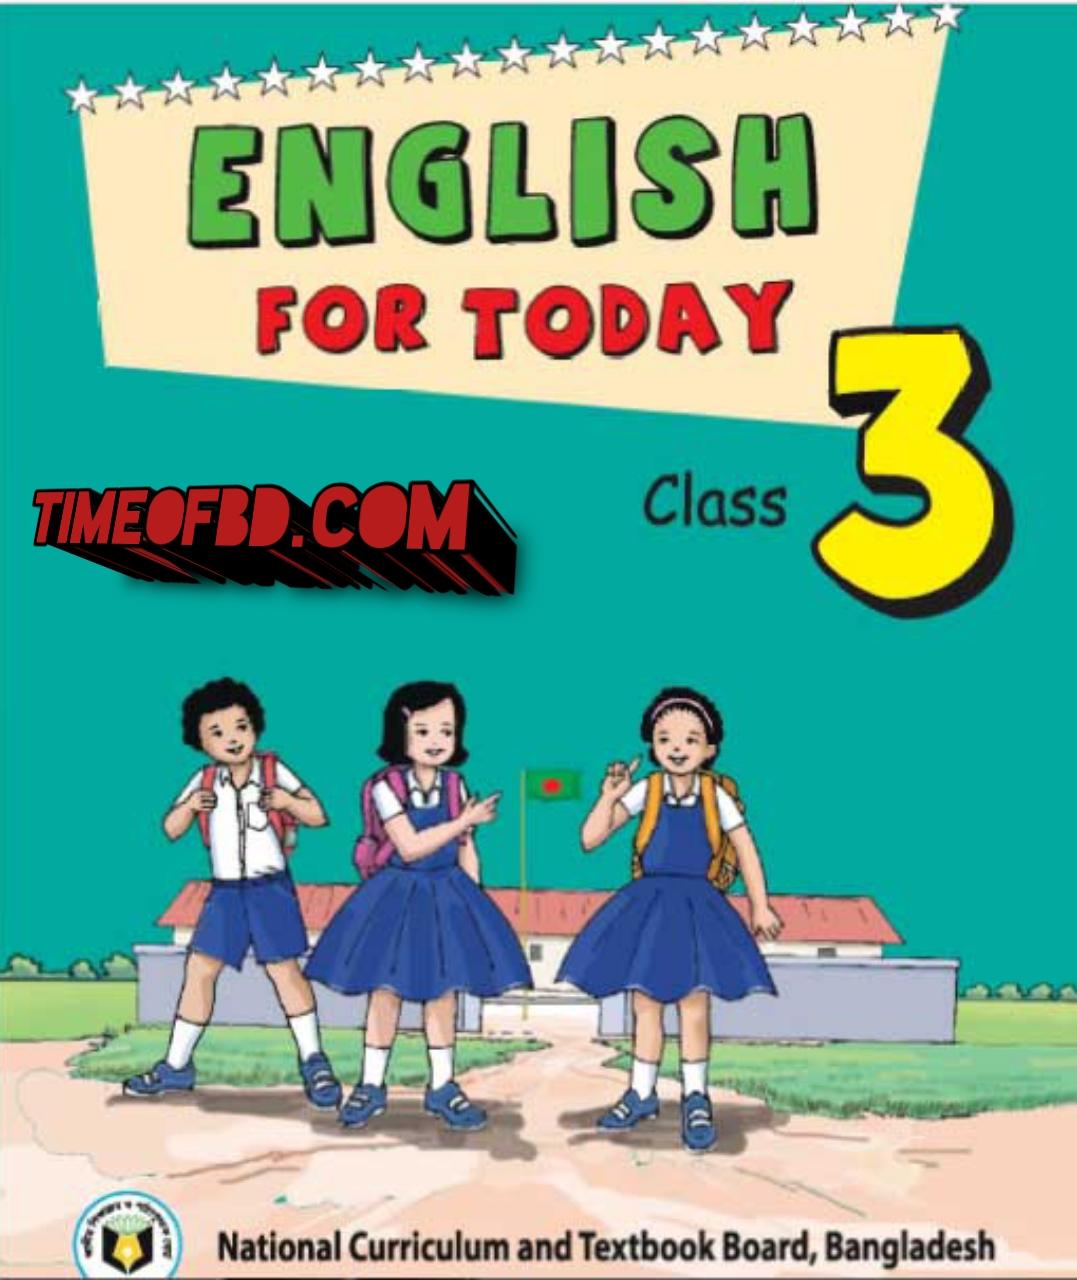 Class 3 english book 2021, class 3 english book pdf, class 3 english question, class 3 english boi, class three english book 2021, class three english book pdf, class three english book nctb, class three english guide 2021, class three english guide pdf, class three english note book 2021, class 3 english book pdf in Bengali, nctb book of class three, class 3 three book solution, class 3 guide book pdf, class 3 guide book pdf 2021, ইংরেজি বই class 3, গণিত বই pdf, আমার ইংরেজি বই তৃতীয় শ্রেণি, তৃতীয় শ্রেণীর ইংরেজি বই ডাউনলোড, ইংরেজি বই তৃতীয় শ্রেণি, তৃতীয় শ্রেণির ইংরেজি বই ২০২১, তৃতীয় শ্রেণীর ইংরেজি বই পিডিএফ, তৃতীয় শ্রেণির ইংরেজি বই pdf 2021, তৃতীয় শ্রেণীর ইংরেজি গাইড, তৃতীয় শ্রেণীর ইংরেজি গাইড পিডিএফ, তৃতীয় শ্রেণীর ইংরেজি গাইড pdf 2021, ৩য় শ্রেণীর ইংরেজি বই গাইড, তৃতীয় শ্রেণীর বাংলা গাইড ডাউনলোড, আমার ইংরেজি বই তৃতীয় শ্রেণি, একের ভিতর সব তৃতীয় শ্রেণি, তৃতীয় শ্রেণীর গাইড বই ডাউনলোড pdf, তৃতীয় শ্রেণীর ইংরেজি বই প্রশ্ন,